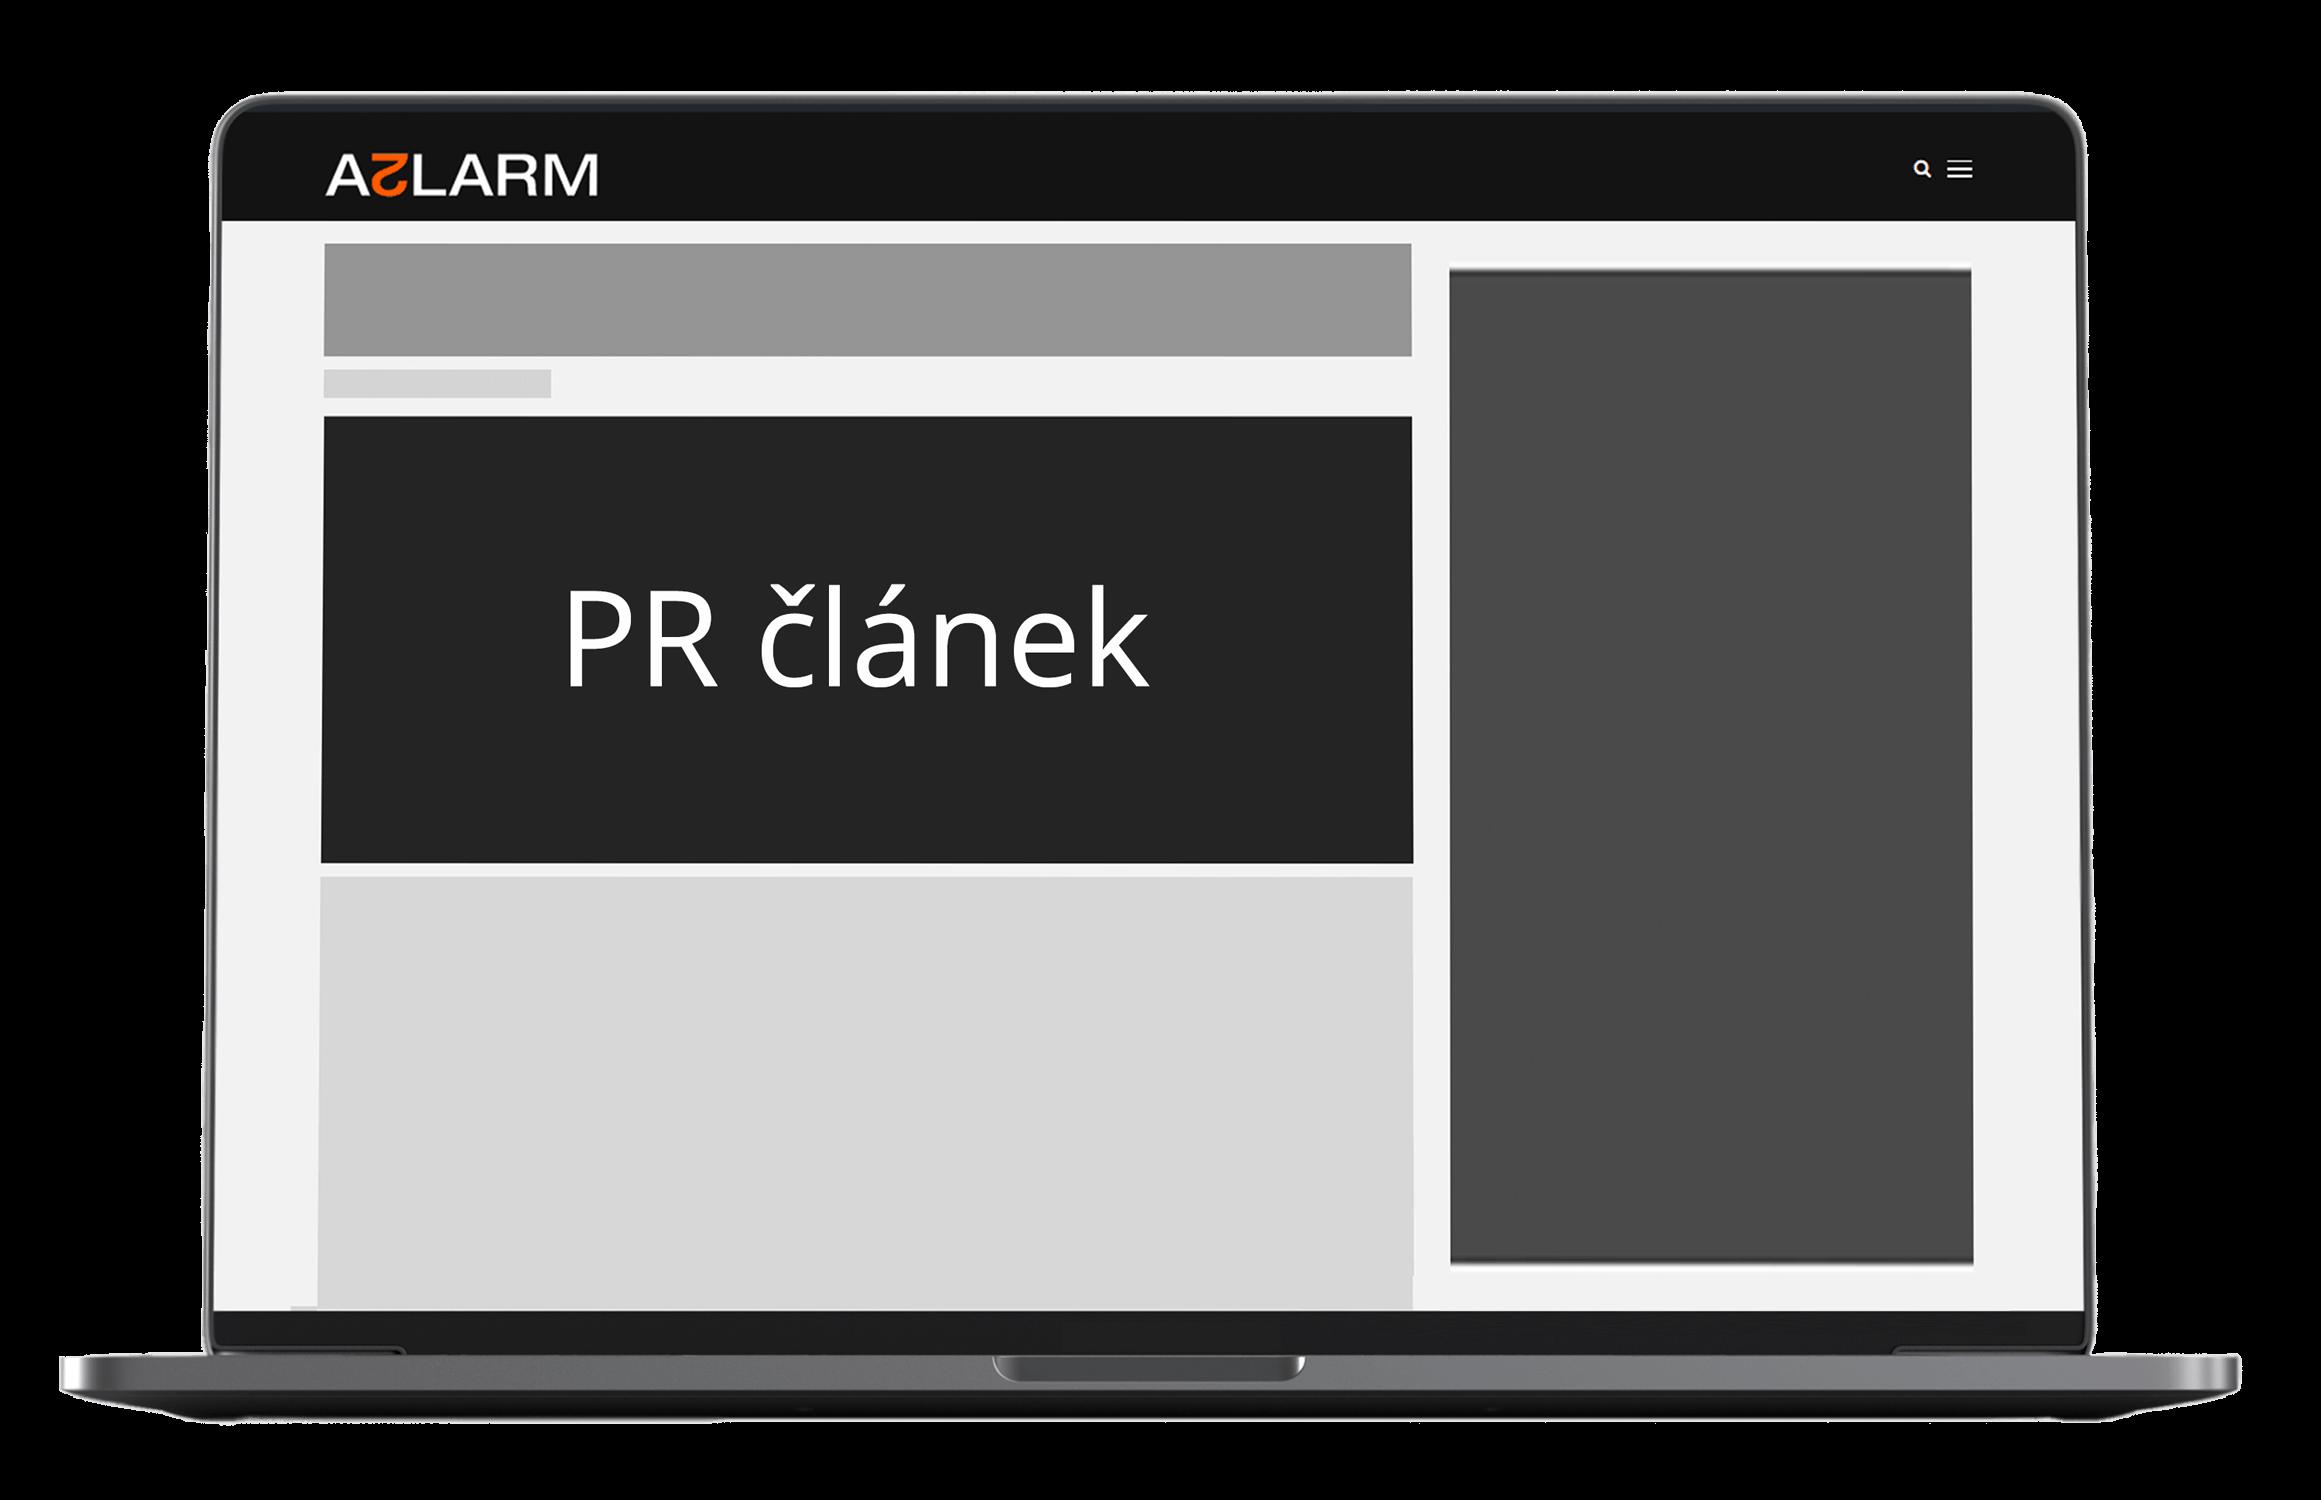 PR clanek